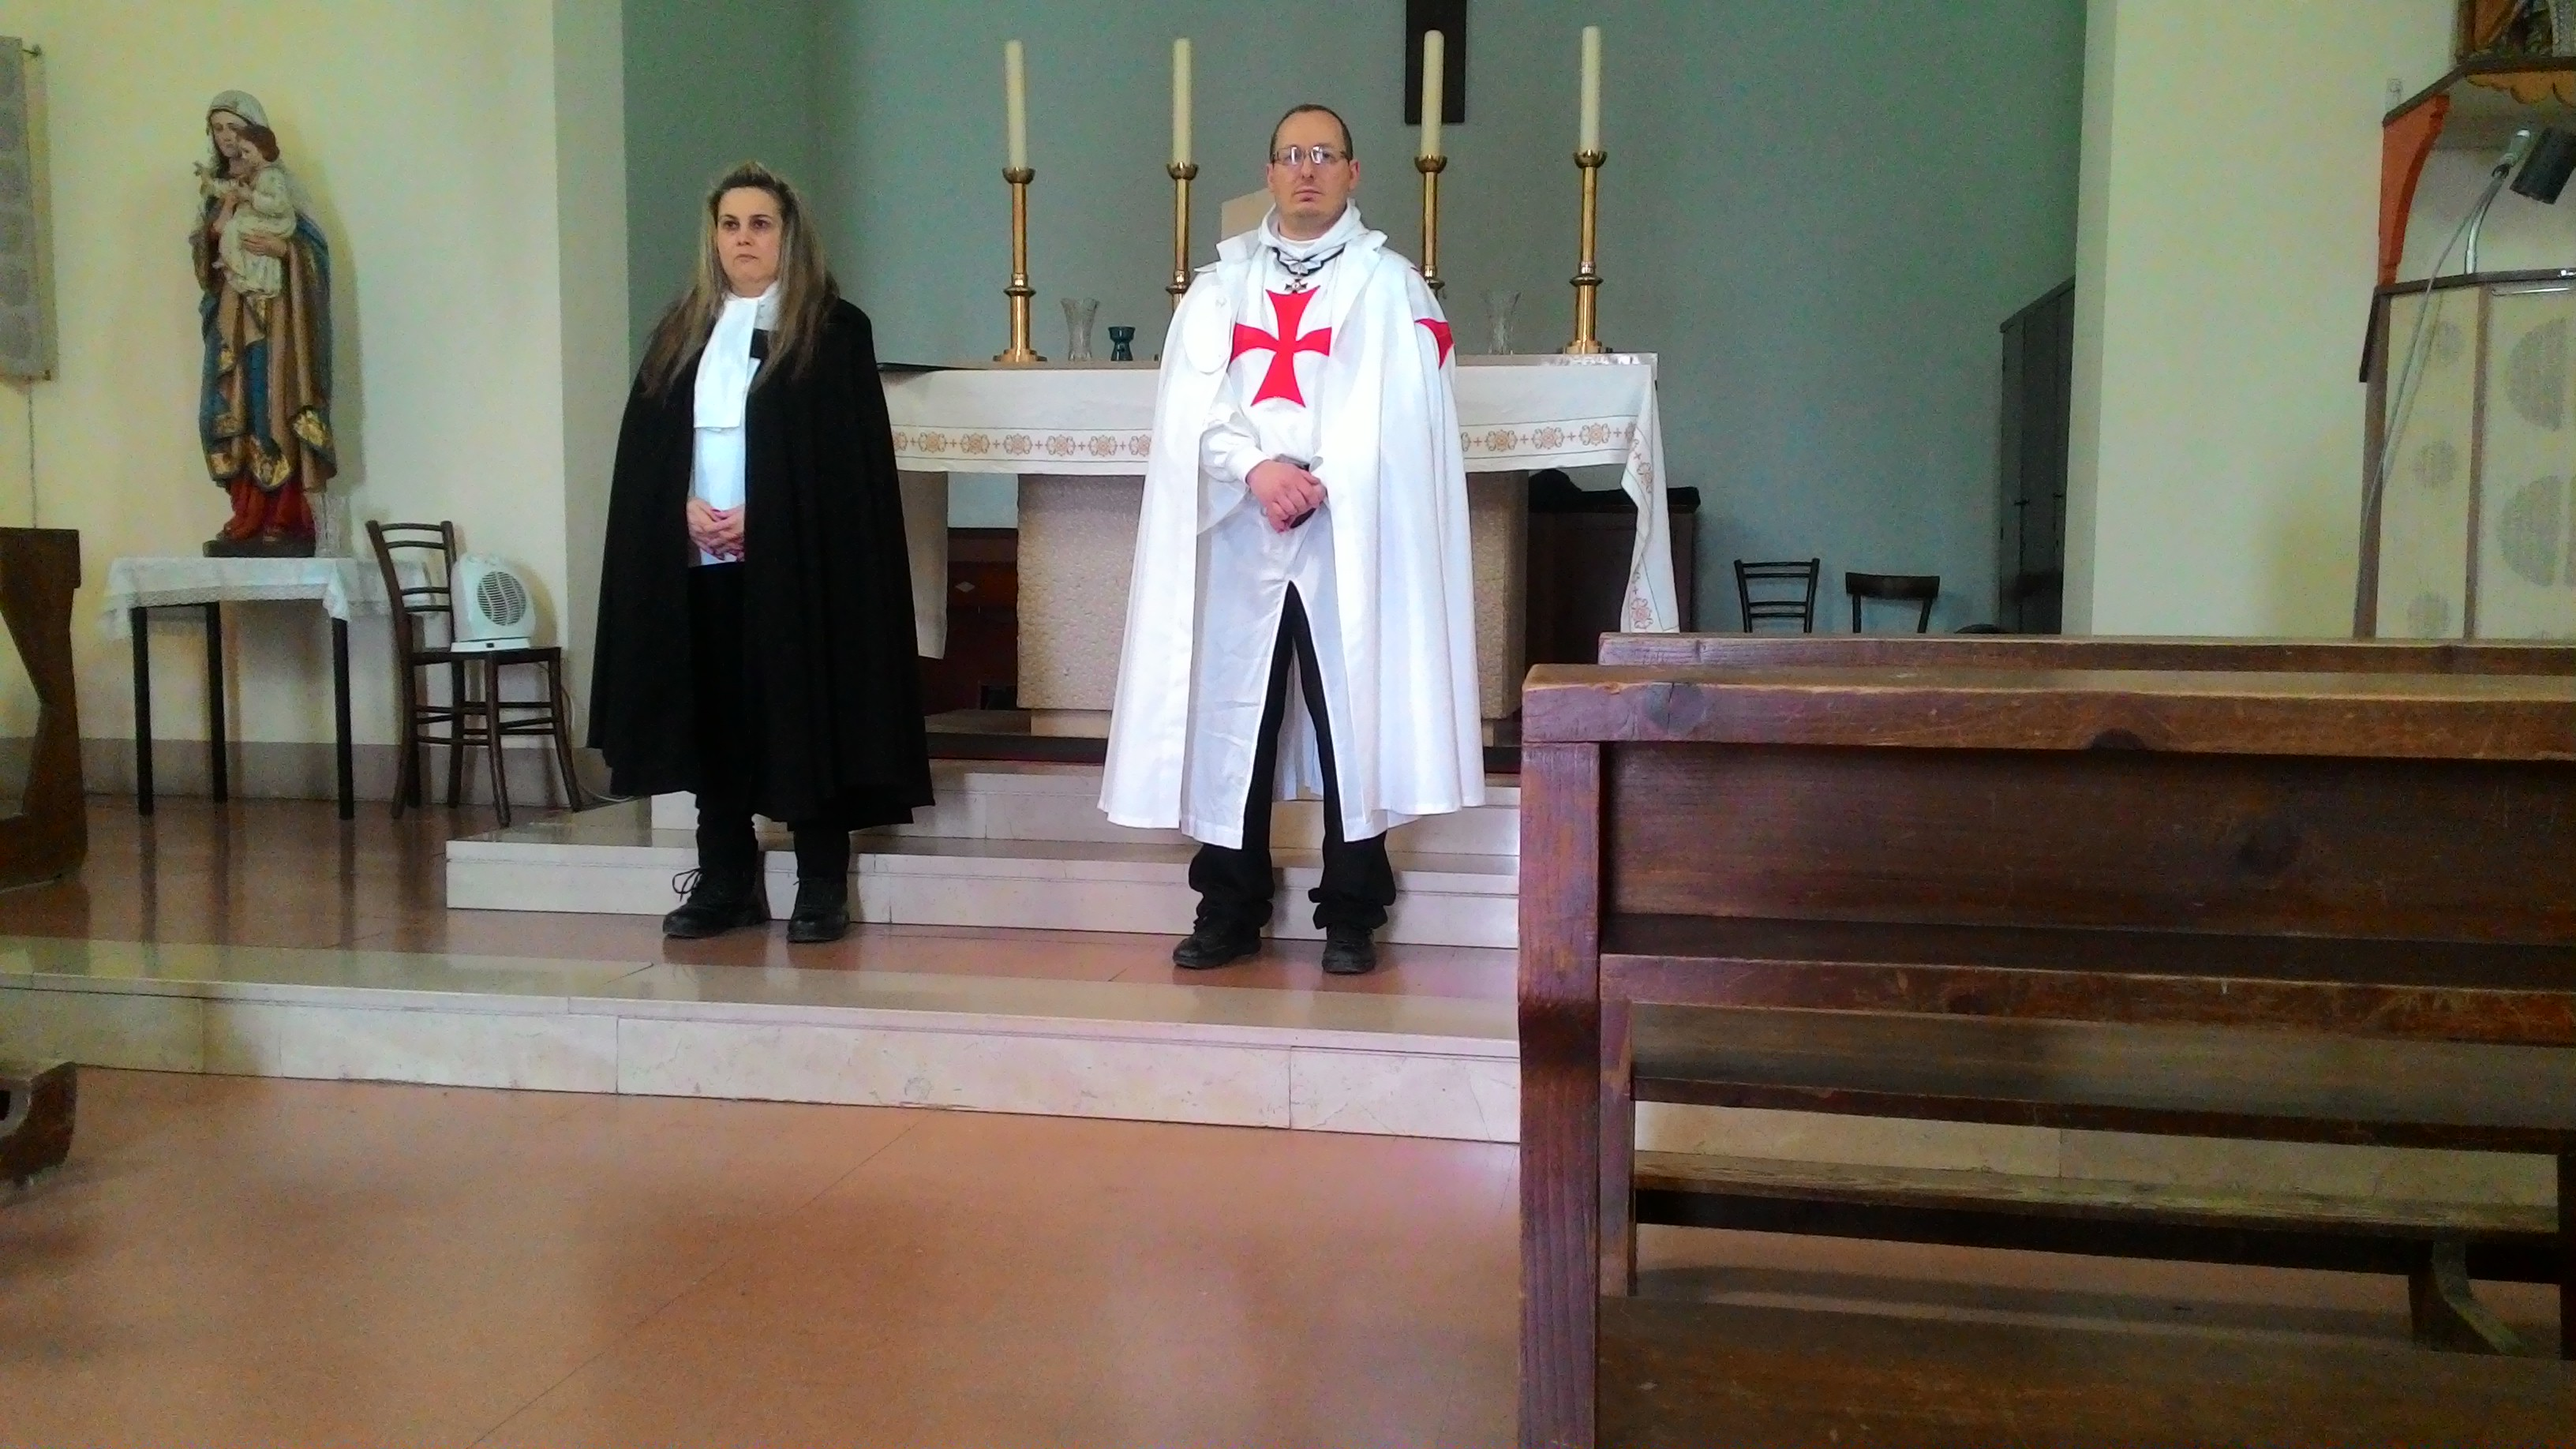 Custodia della Chiesa di San Giuseppe Lavoratore ad Ontraino (PI) 28 apr. 2019